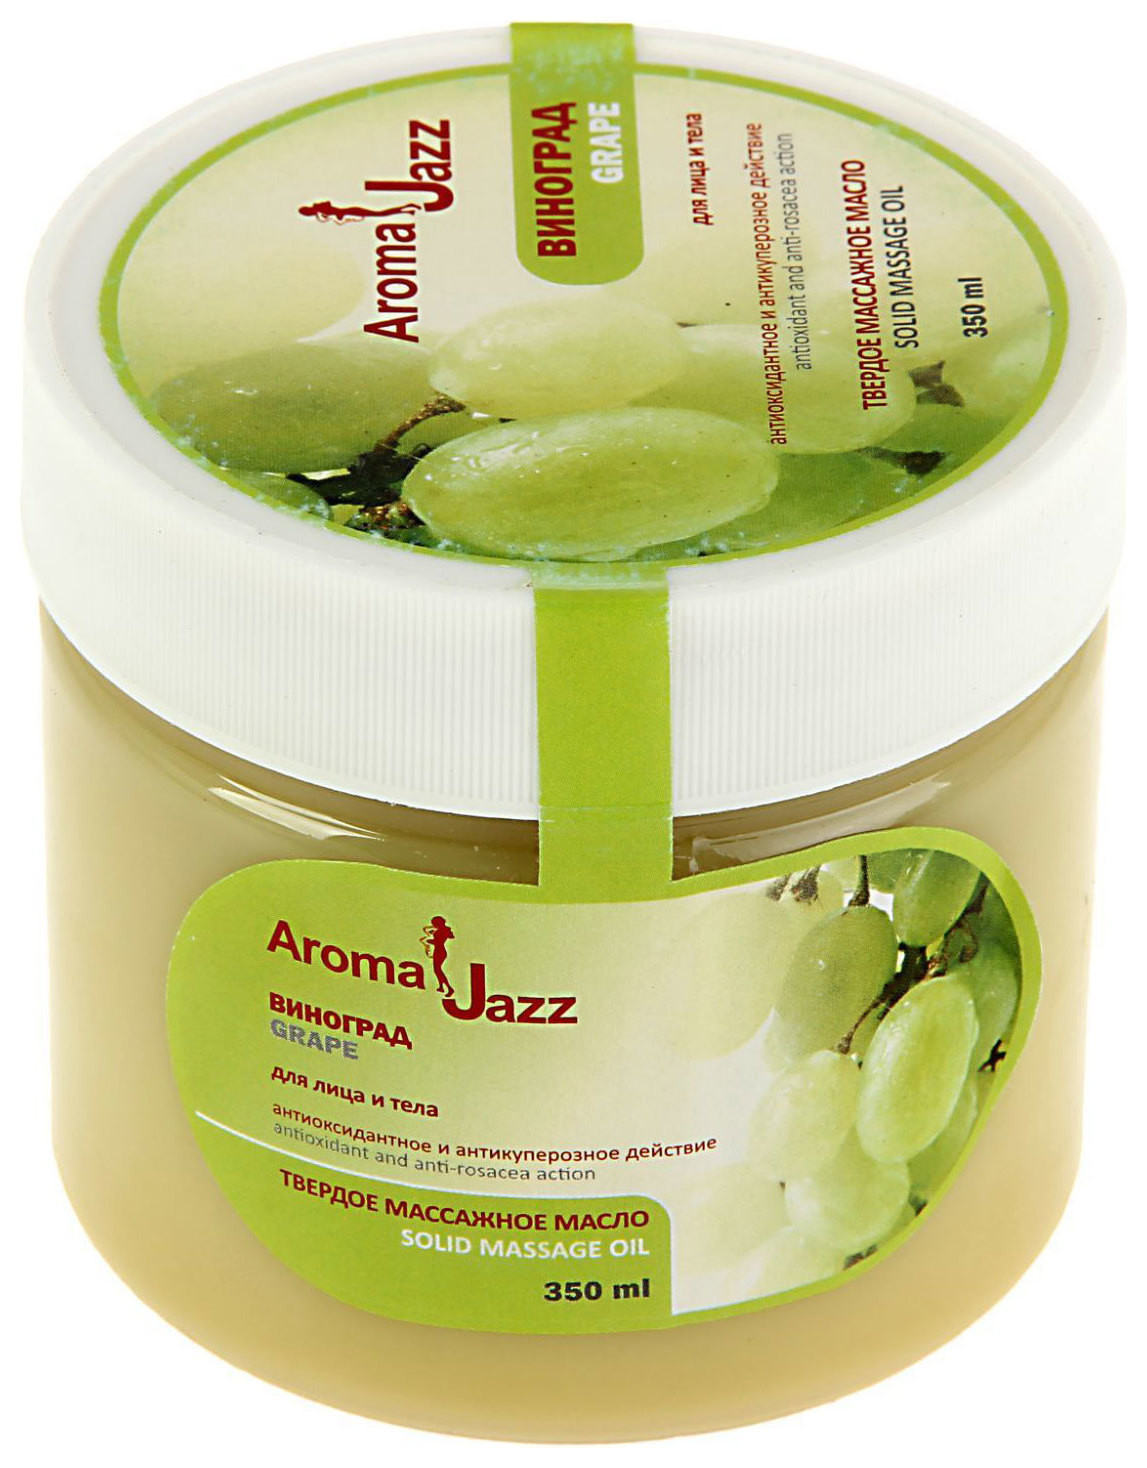 Твердое массажное масло Виноград Aroma Jazz